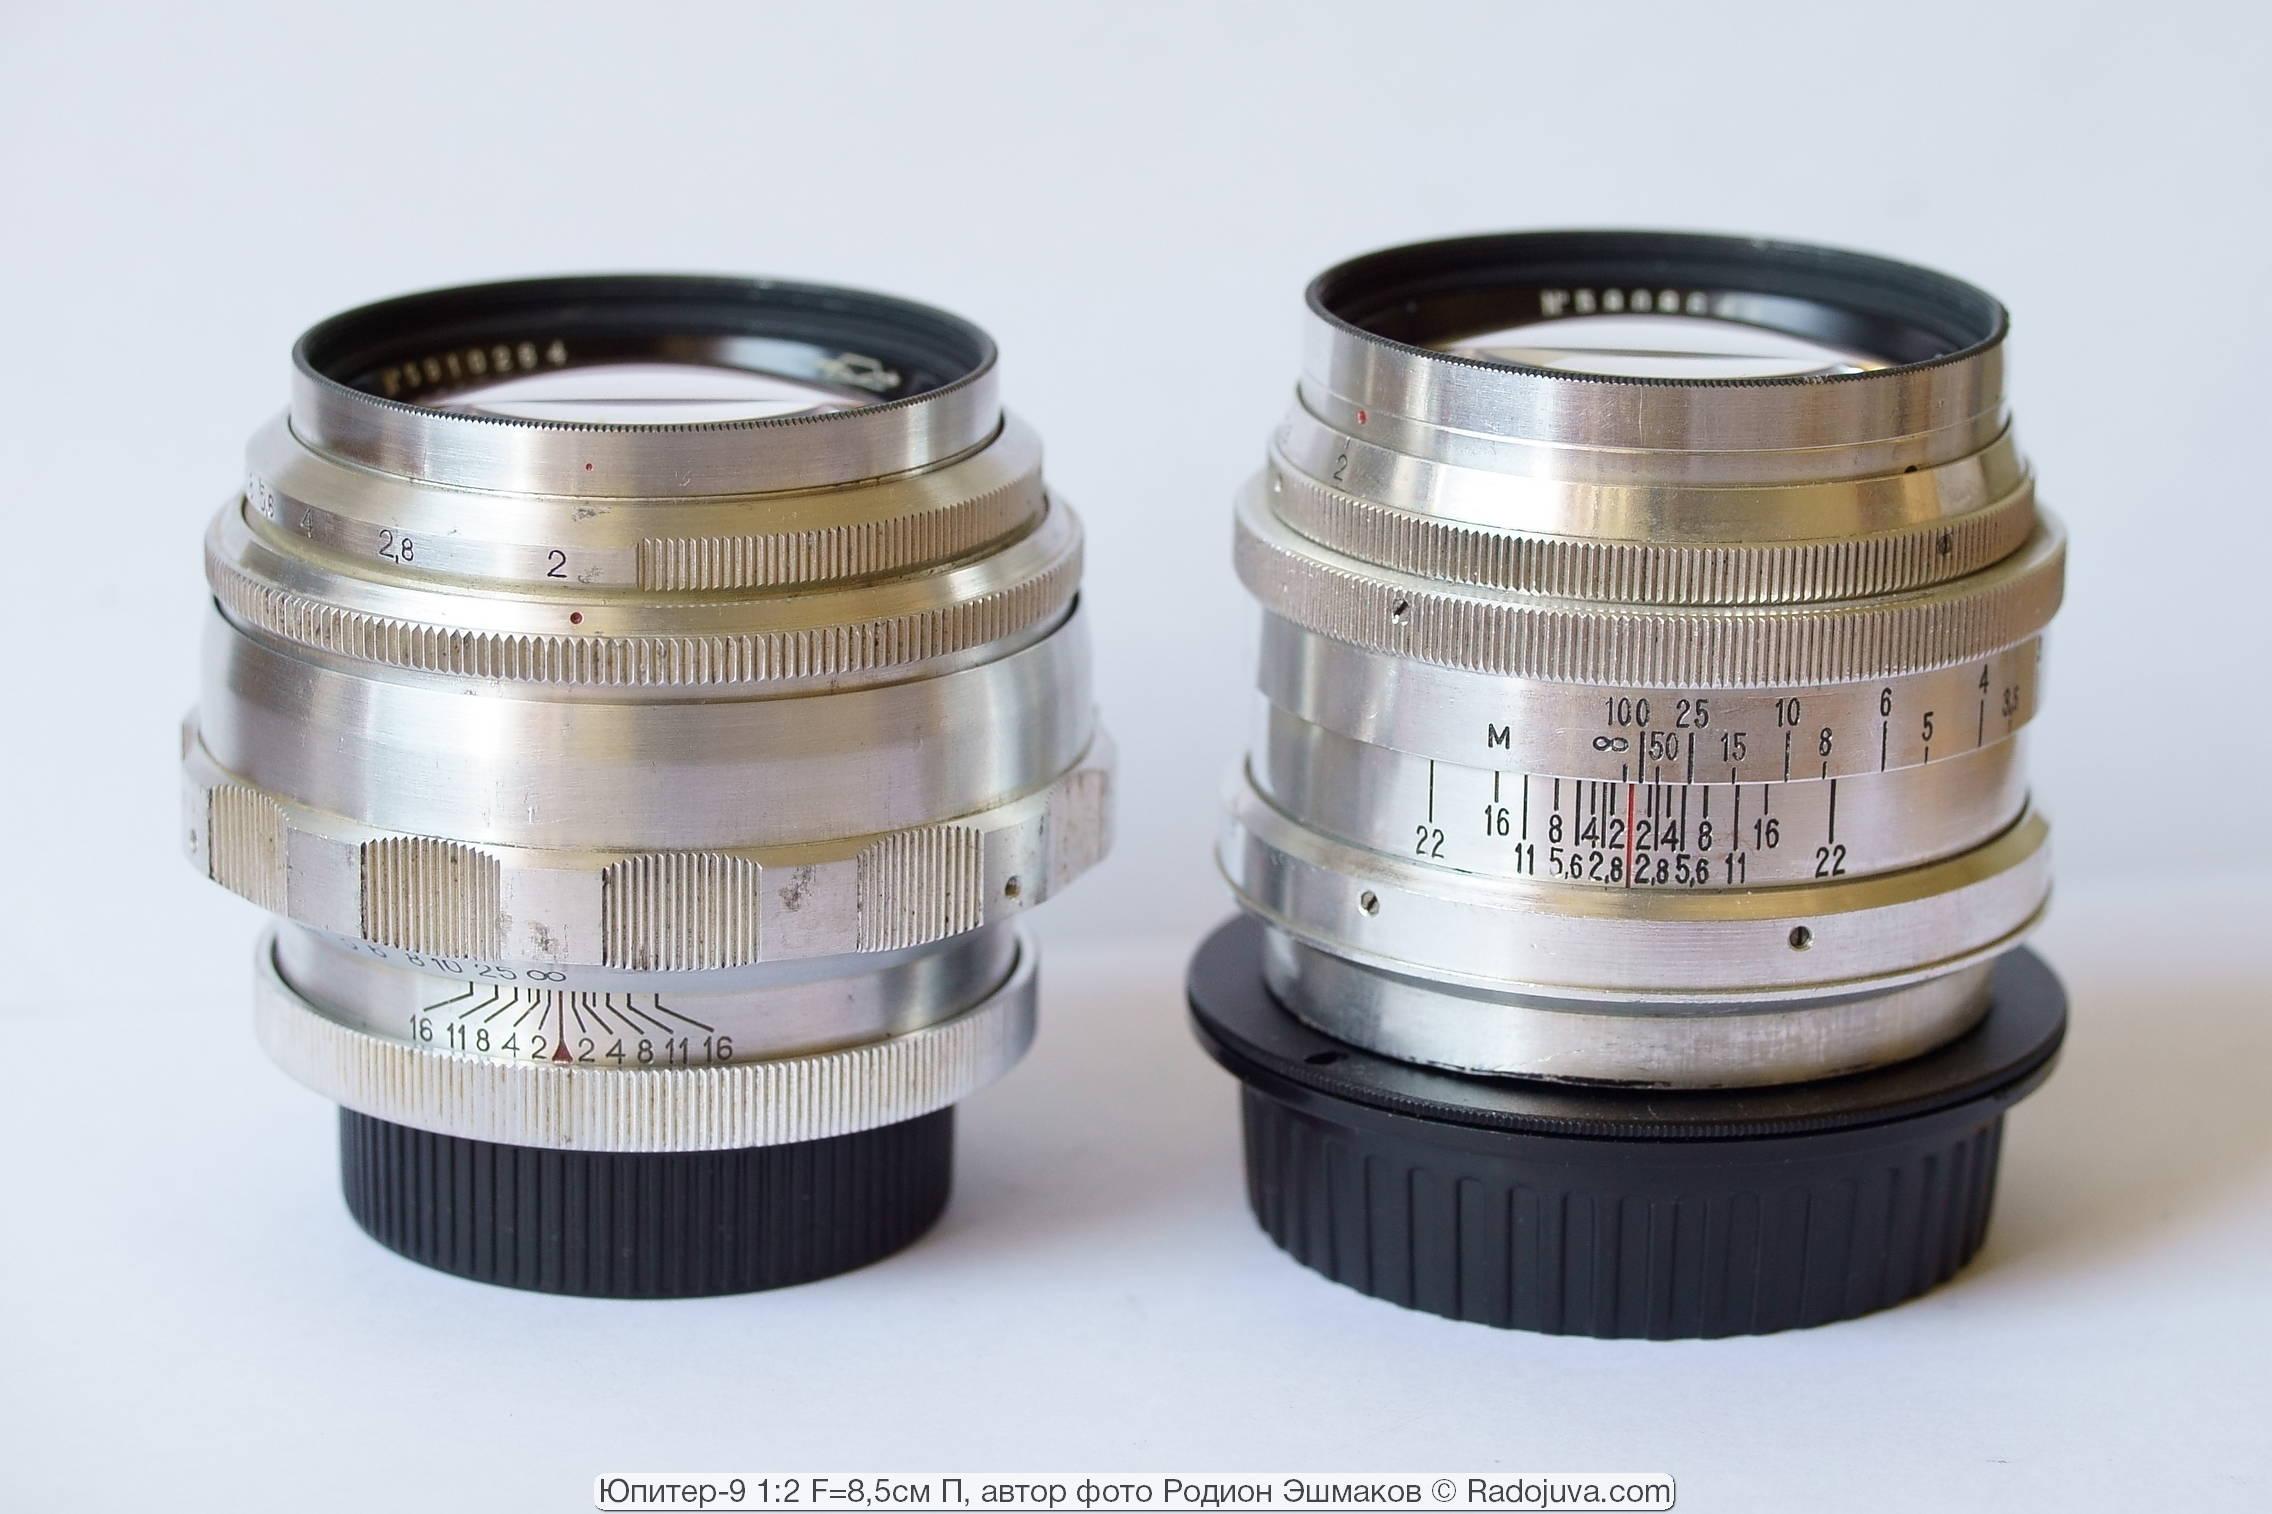 Два Юпитер-9 1959 г.: для камер «Зенит» (слева) и для камер Киев, адаптированный для зеркалок (справа). Установка геликоида «на бесконечность».